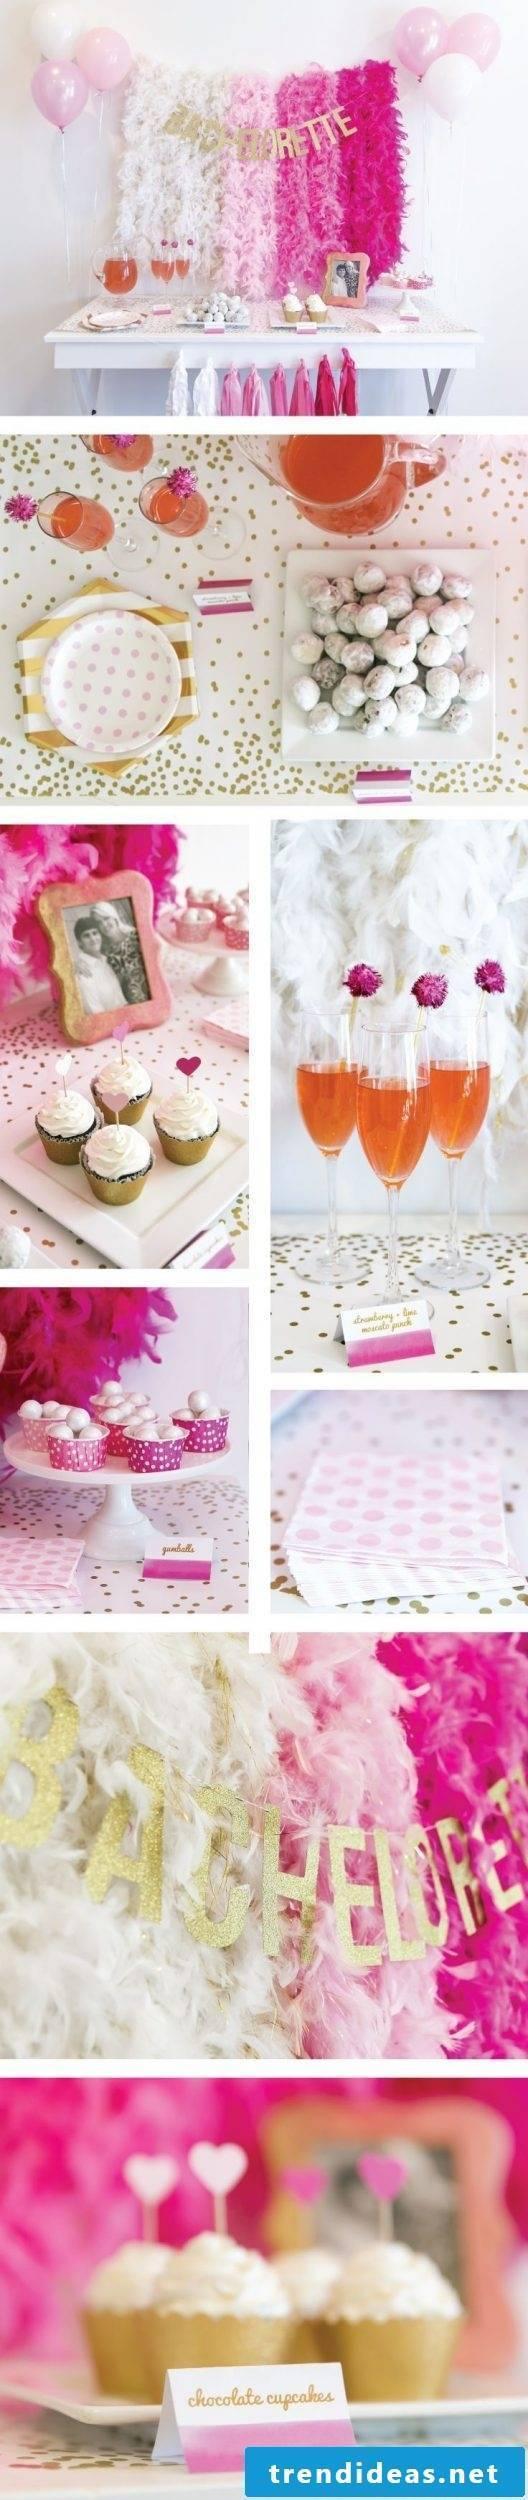 Bachelorette 2017 Top Theme Party